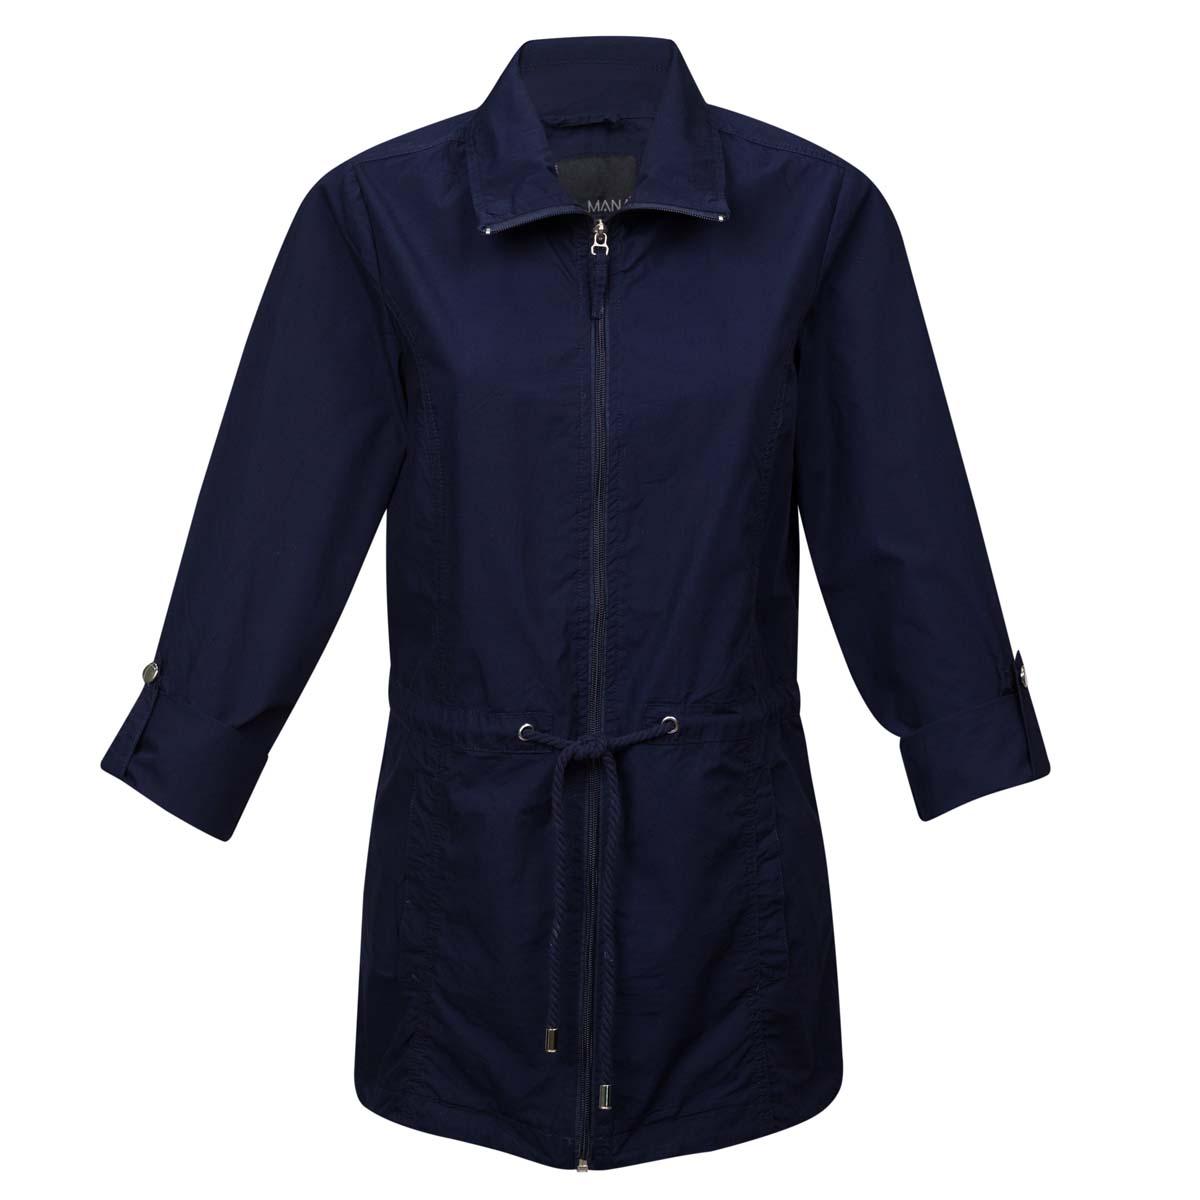 Ženska jakna, temno modra